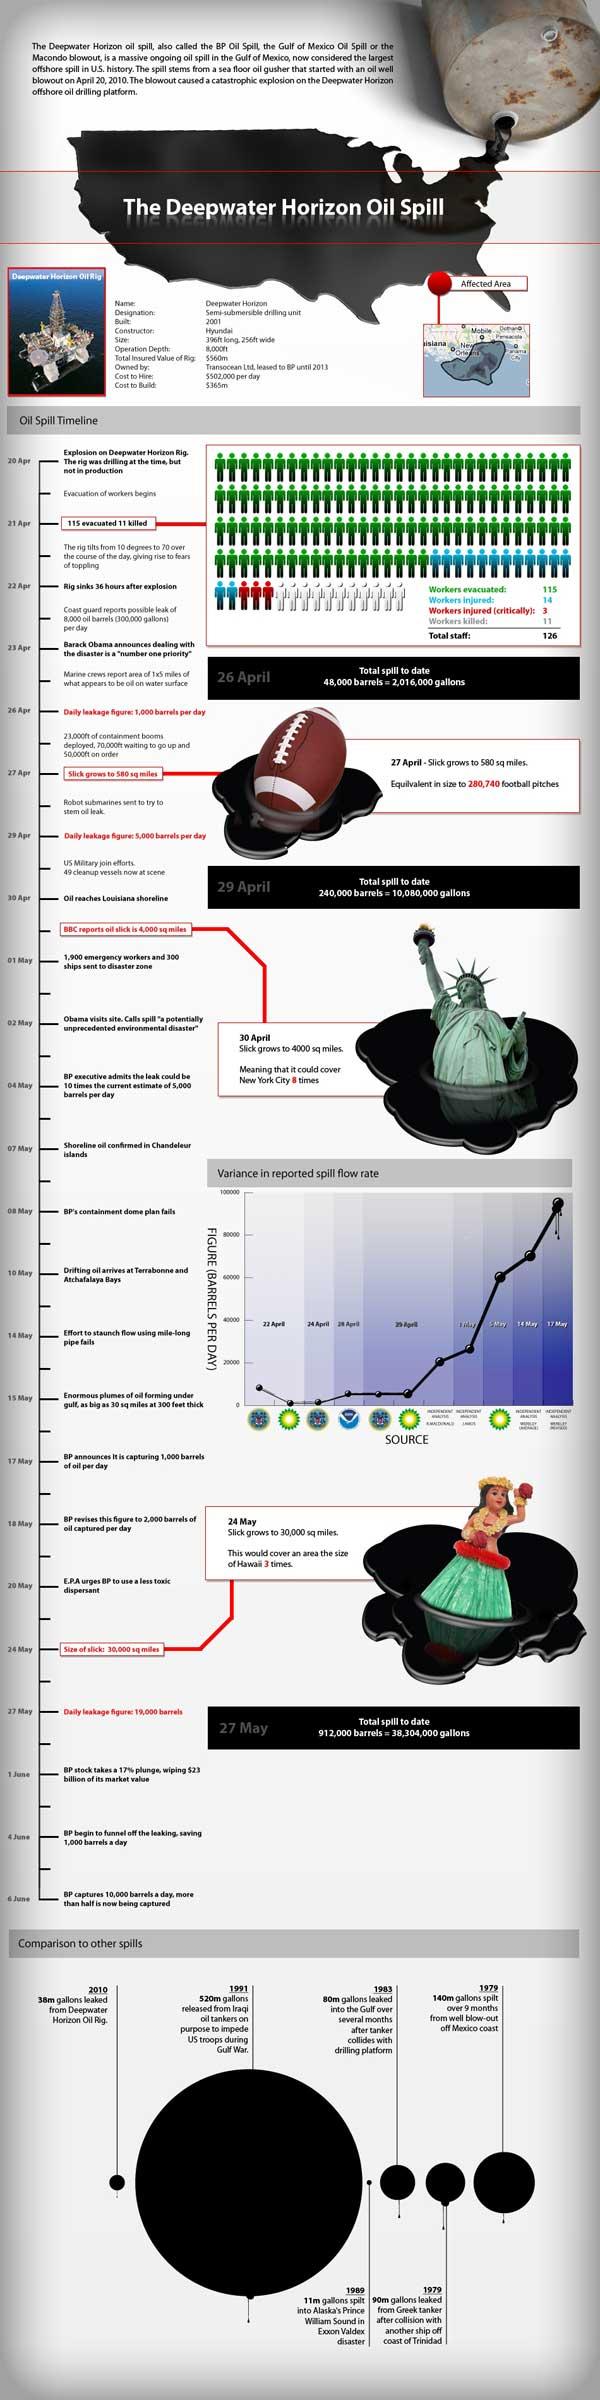 gráfico de tiempo derrame de petróleo en el Golfo de México